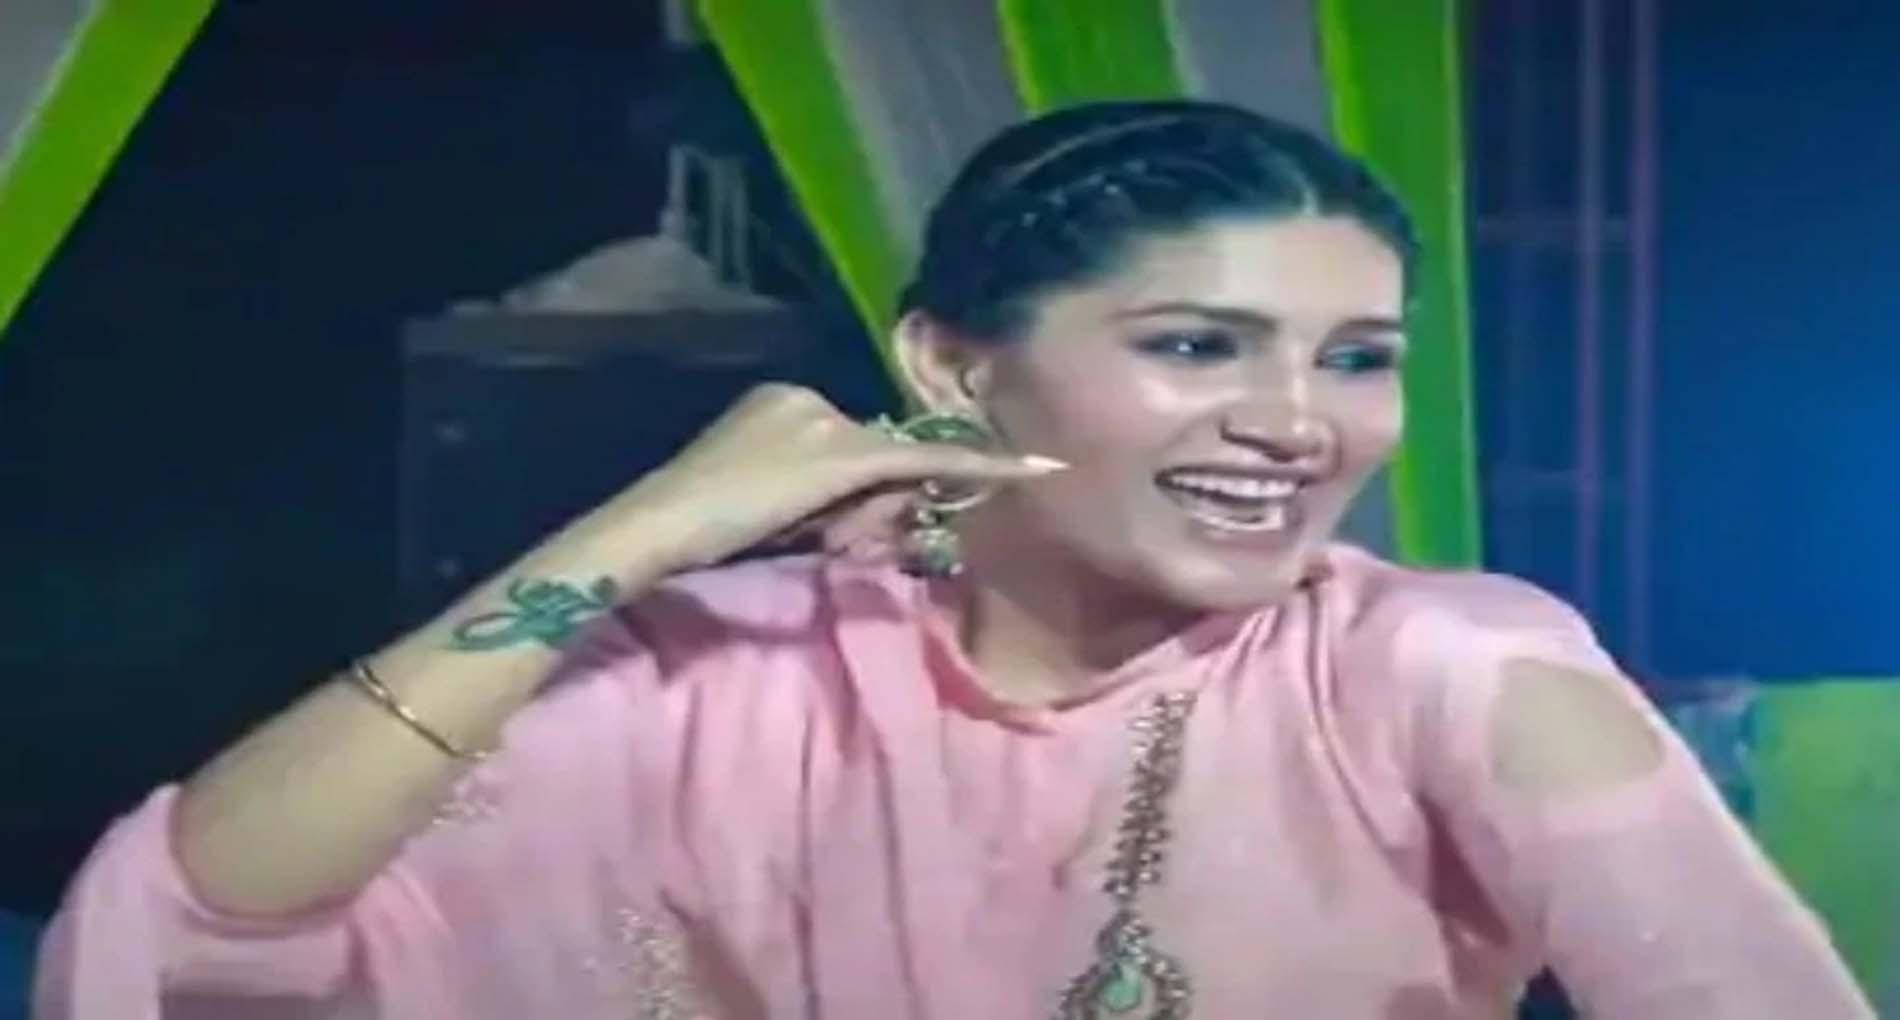 सपना चौधरी के गाने 'चुनरी जयपुर से मंगवाई' को मिले 20 करोड़ से ज्यादा व्यूज! देखें वीडियो